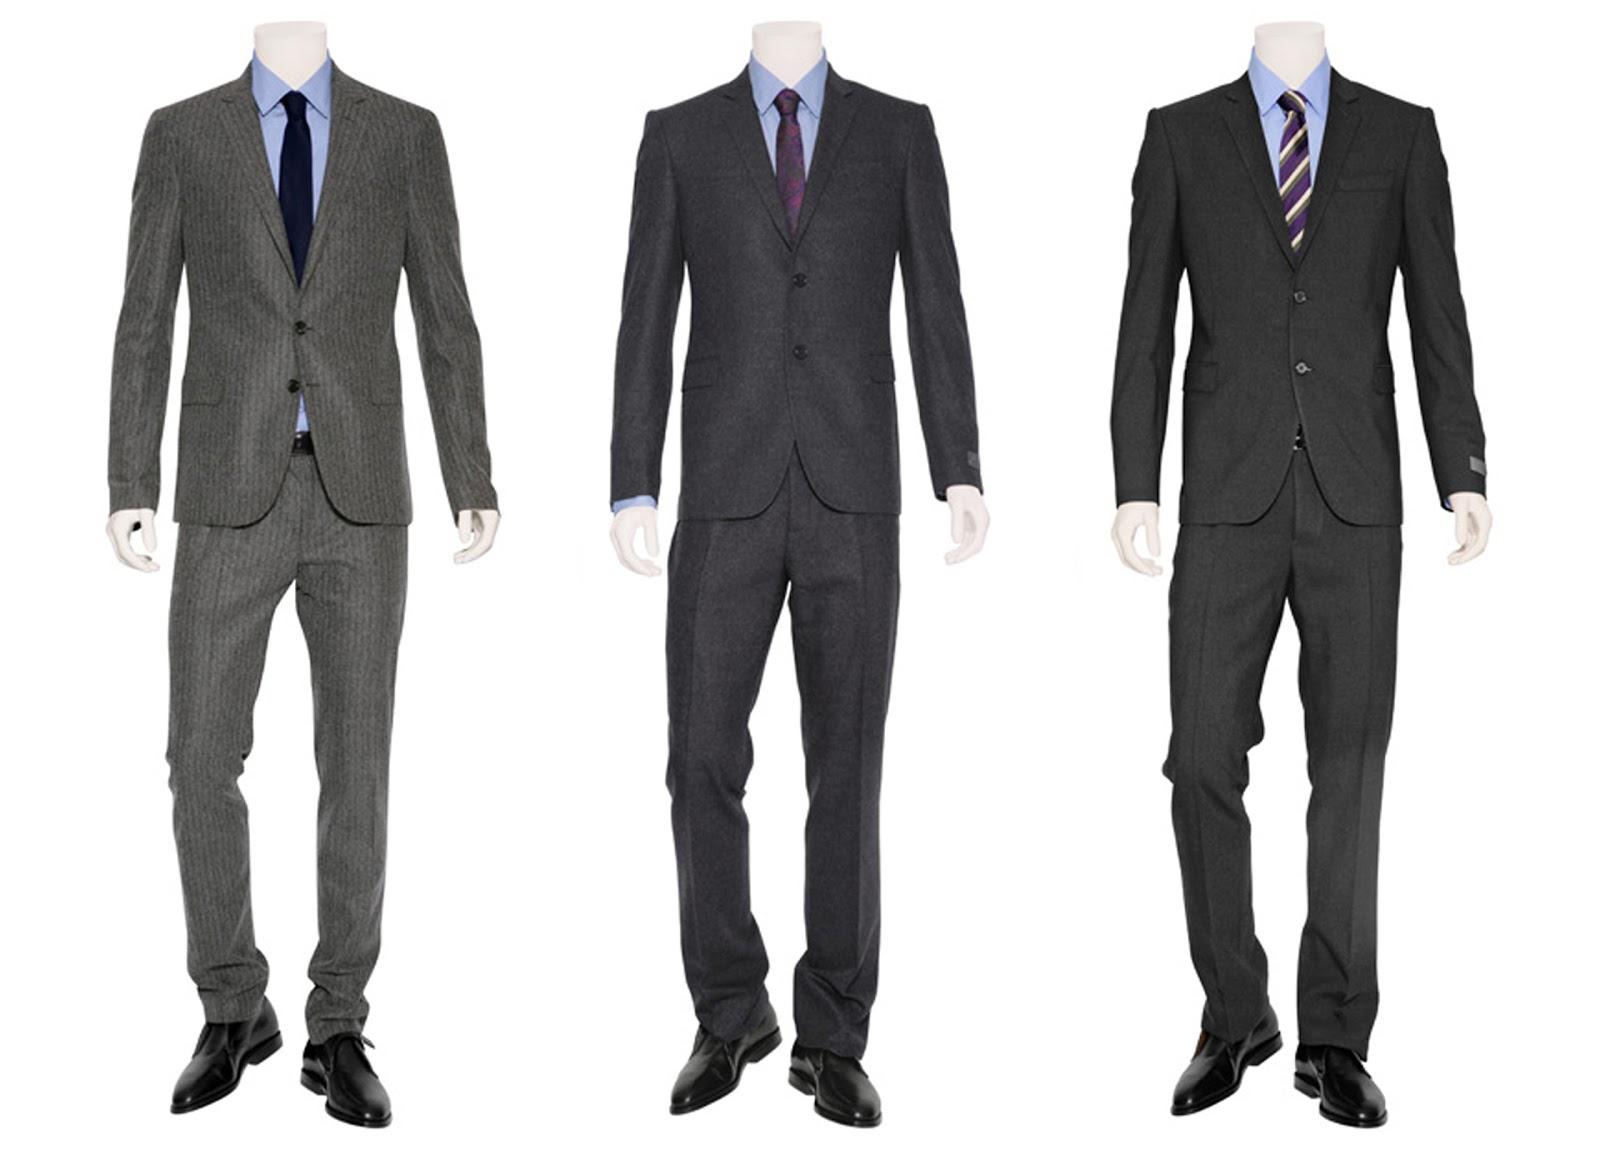 Les costumes de mode classique pour hommes